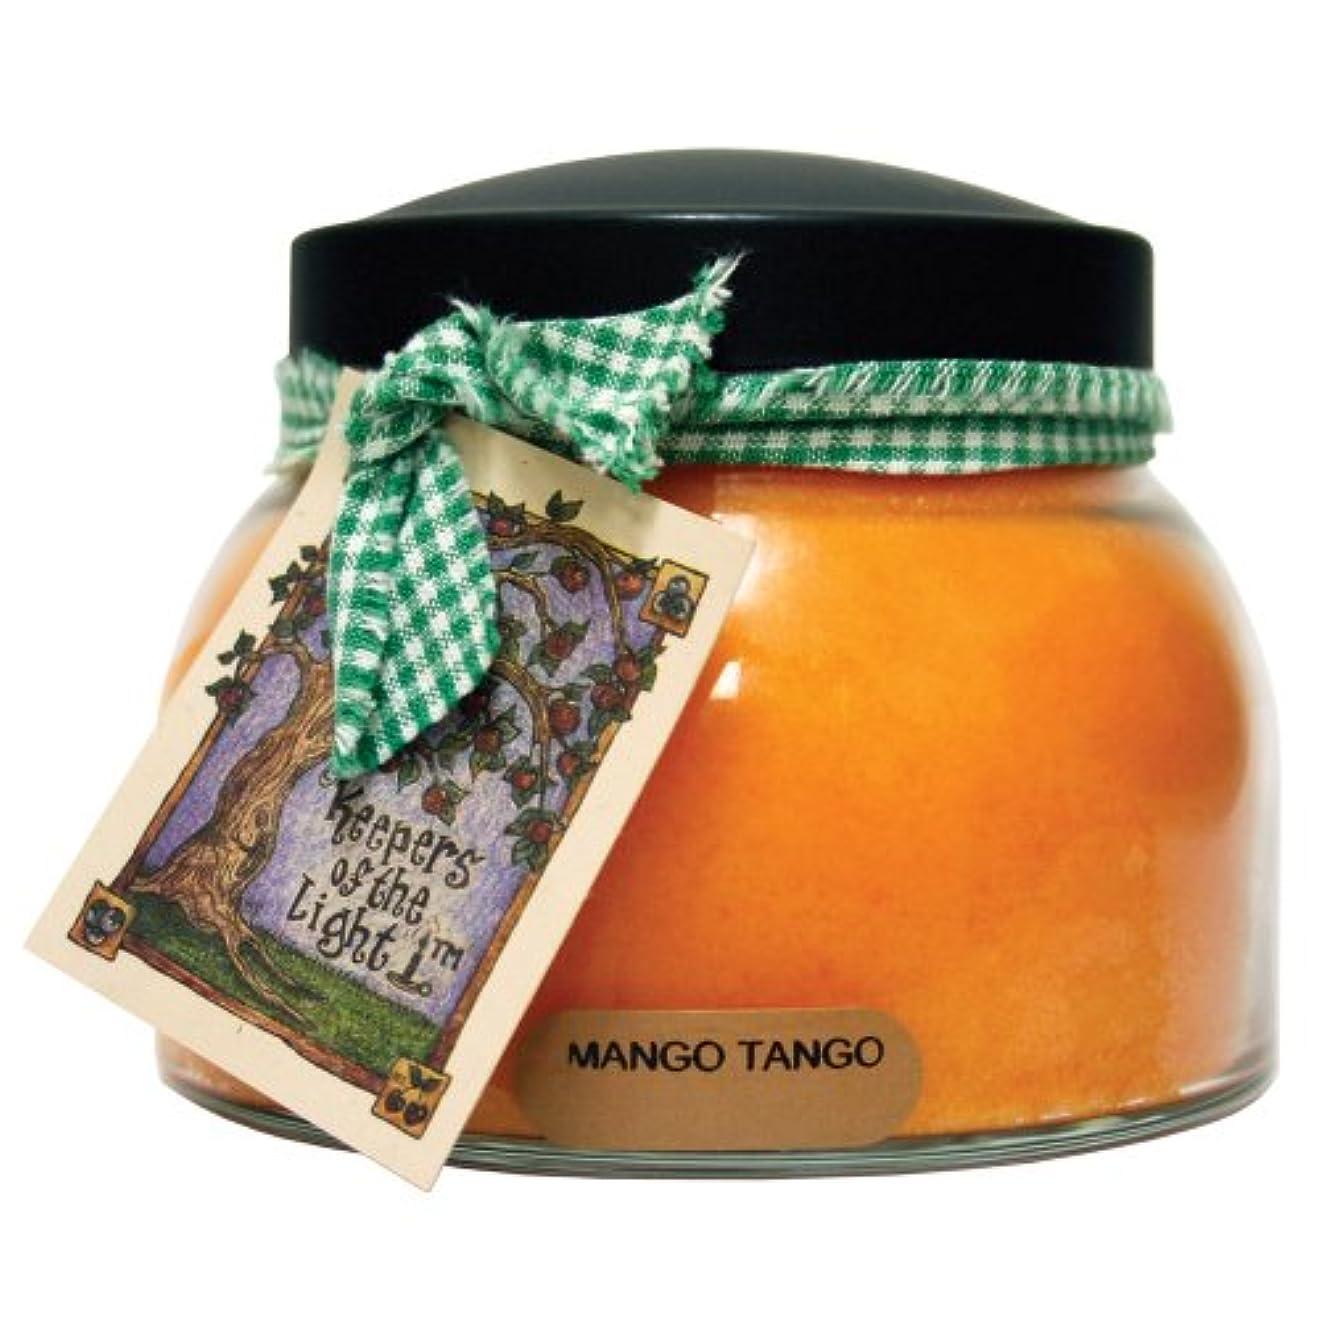 ビールお気に入り乏しいA Cheerful Giver Mango Tango ベイビージャーキャンドル 22oz JM83